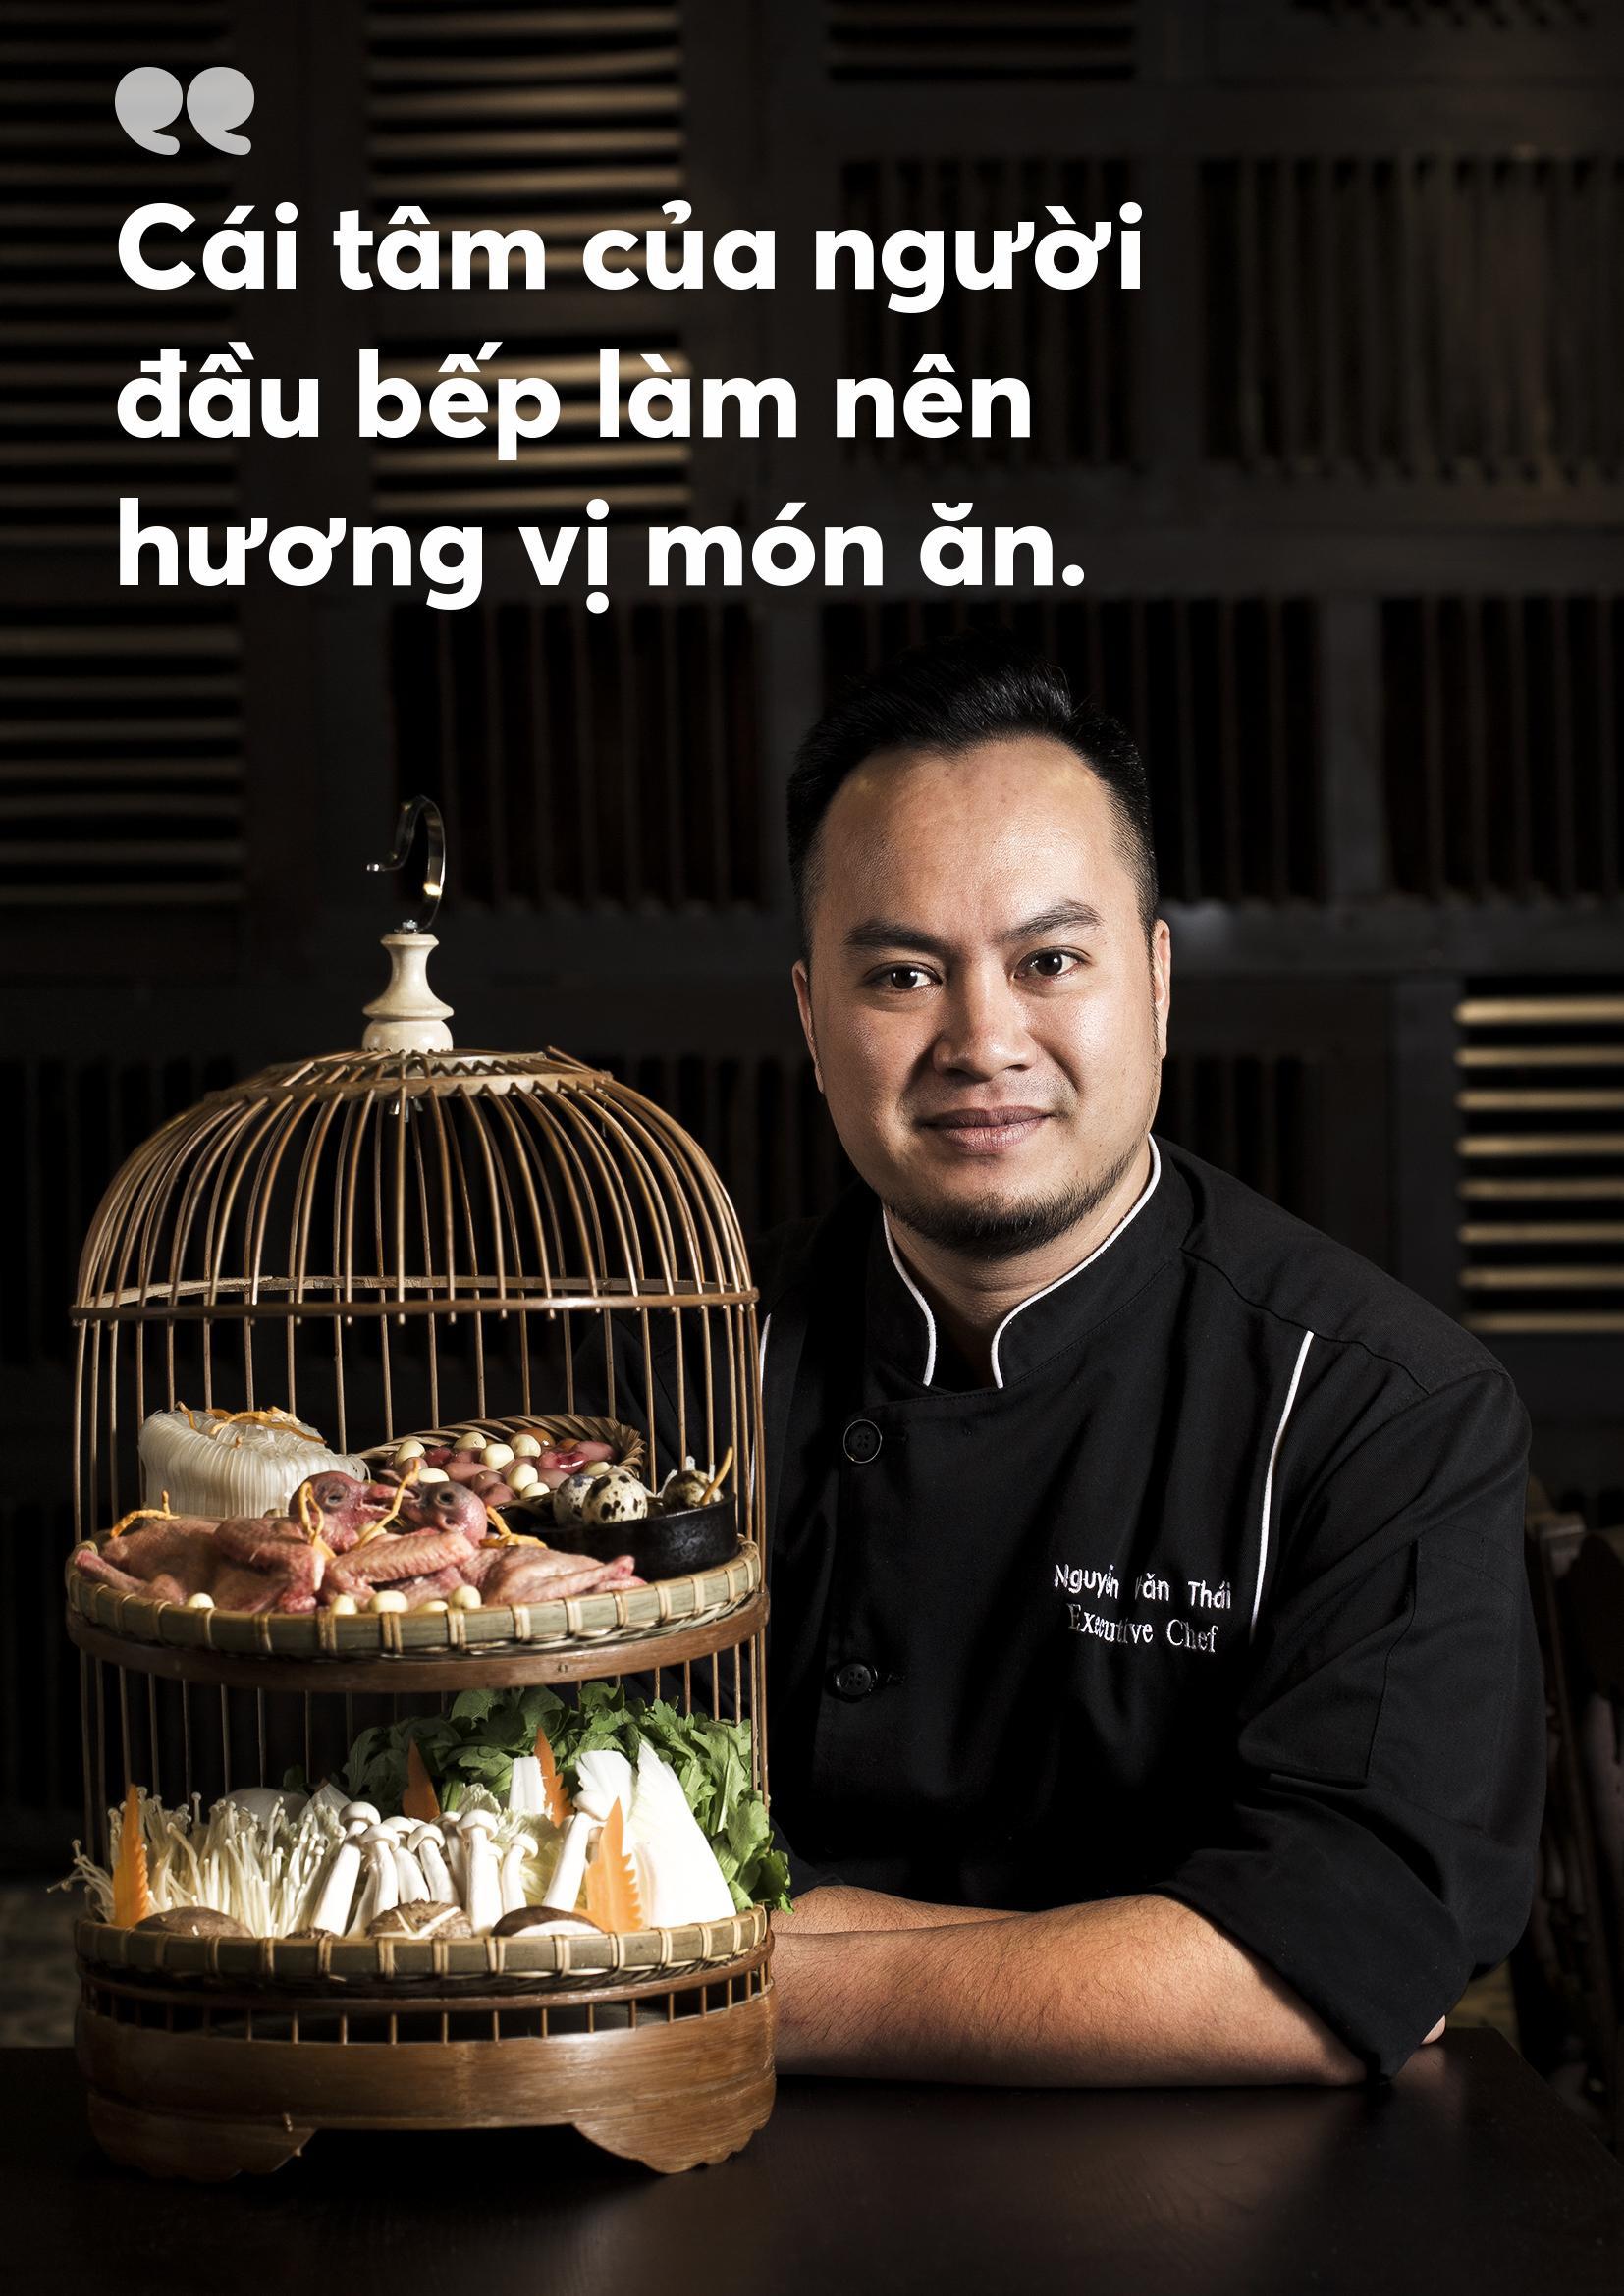 Chef Thái - Nâng tầm món ăn Việt luôn là trăn trở cả đời làm nghề của tôi - Ảnh 2.